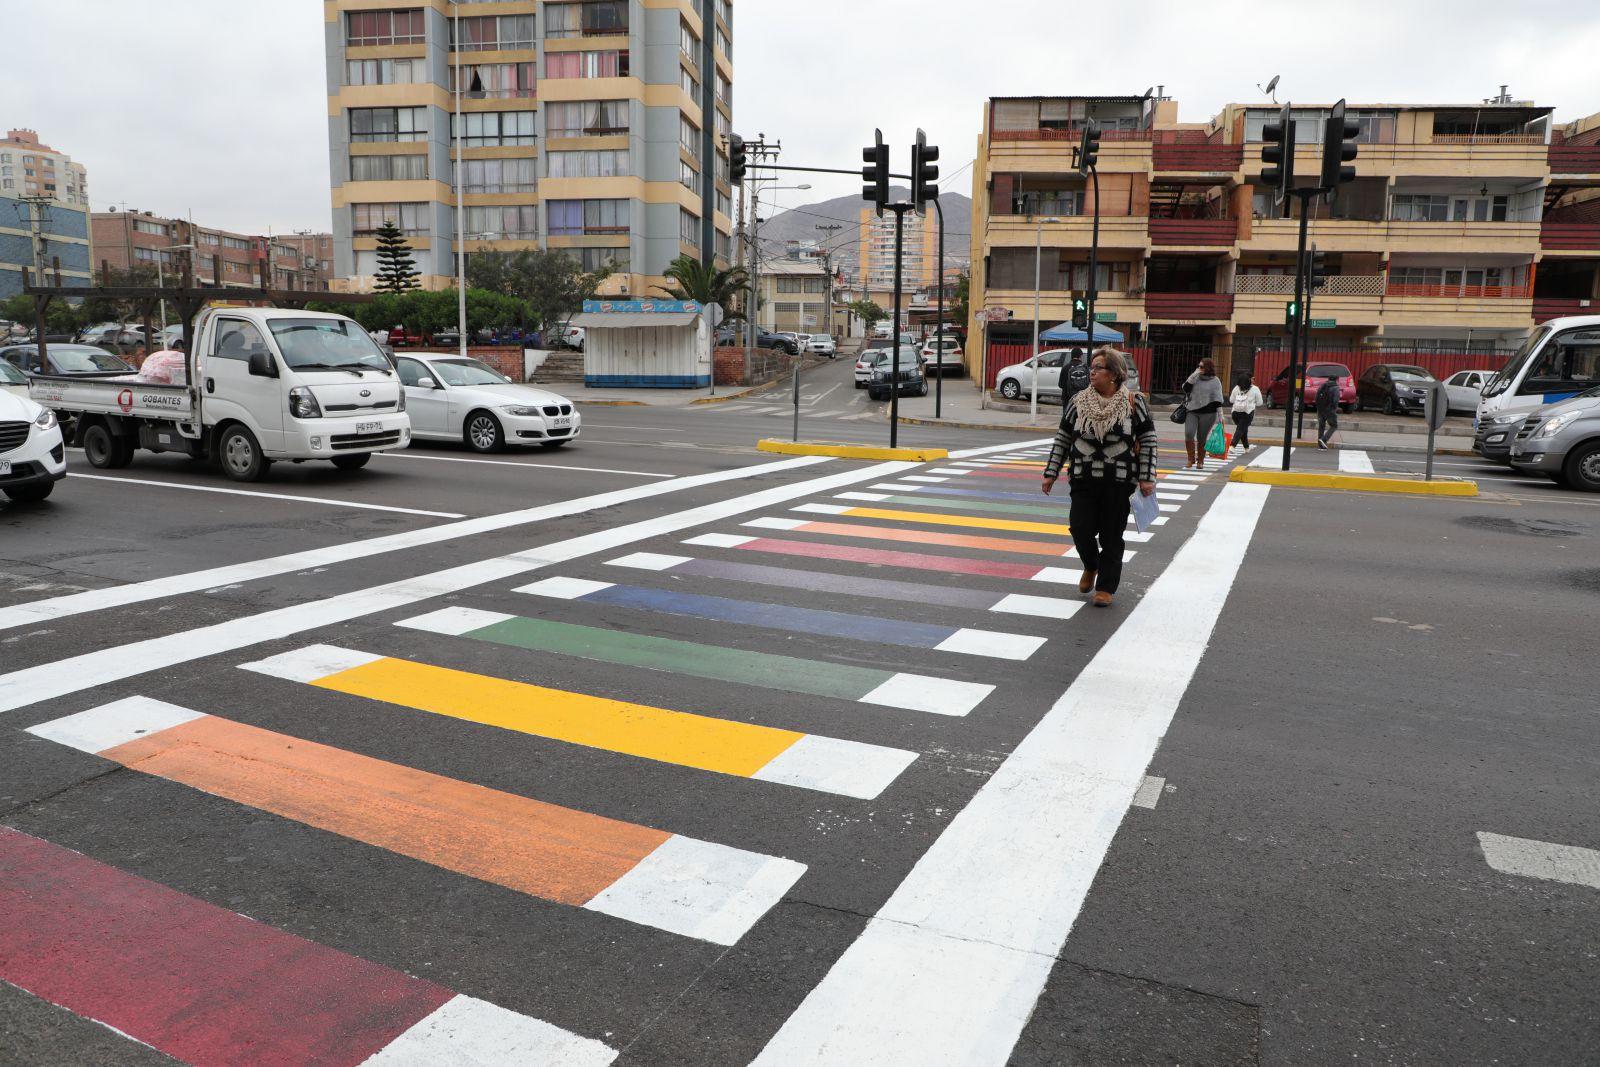 paso-de-cebra-amanecio-pintado-de-diversidad-enviando-mensaje-de-inclusion-en-antofagasta